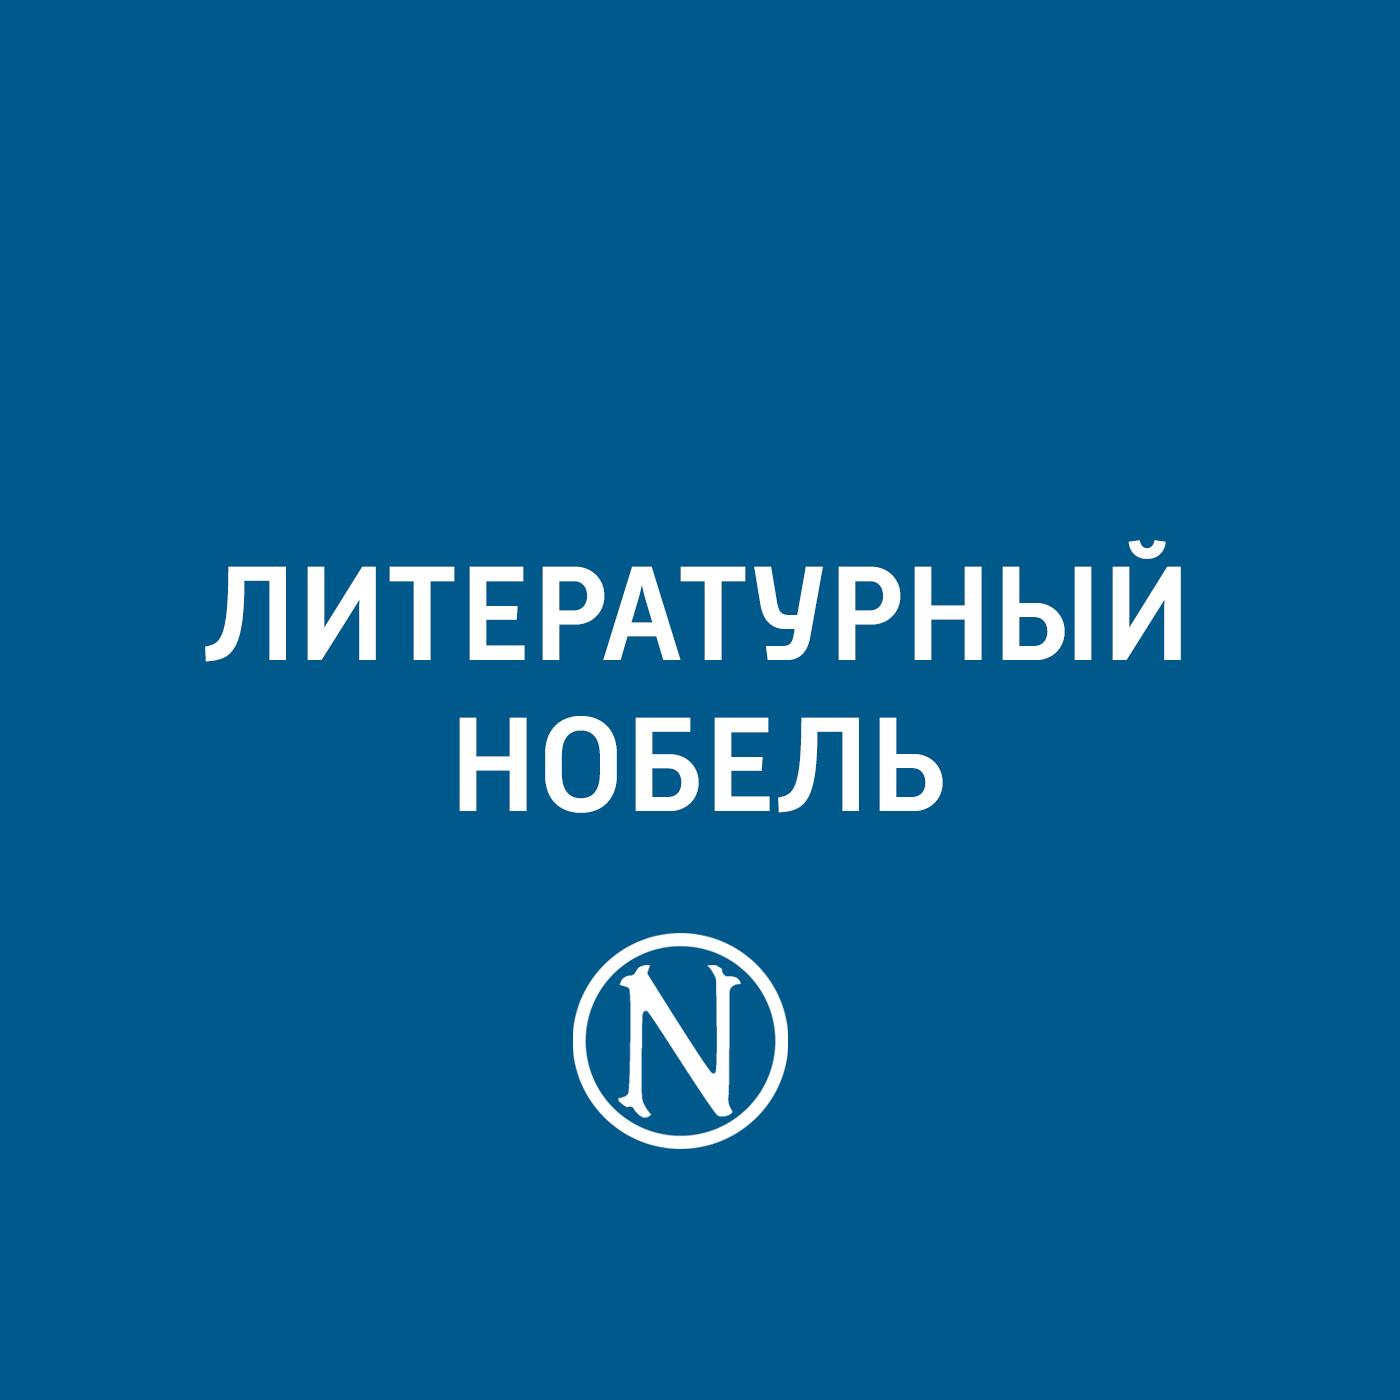 Евгений Стаховский Мигель Астуриас лауреаты нобелевской премии по экономике том 3 1997 2009